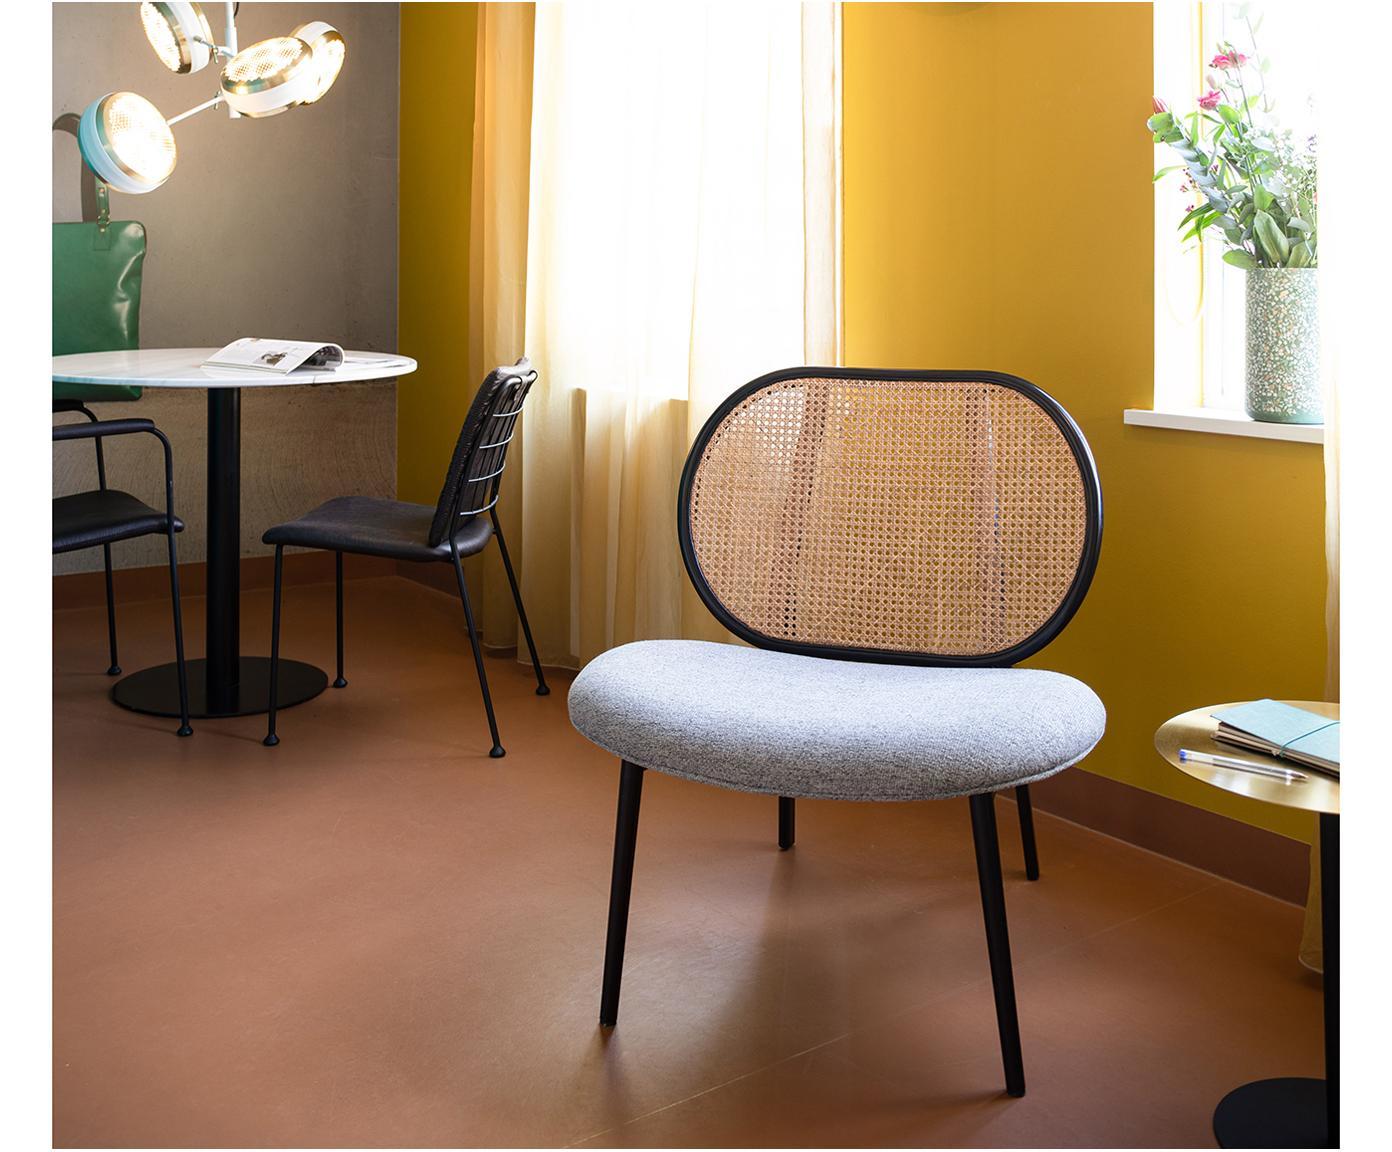 Sedia a poltrona Spike, Rivestimento: poliestere 100.000 cicli , Gambe: metallo verniciato a polv, Beige, grigio, Larg. 79 x Prof. 70 cm